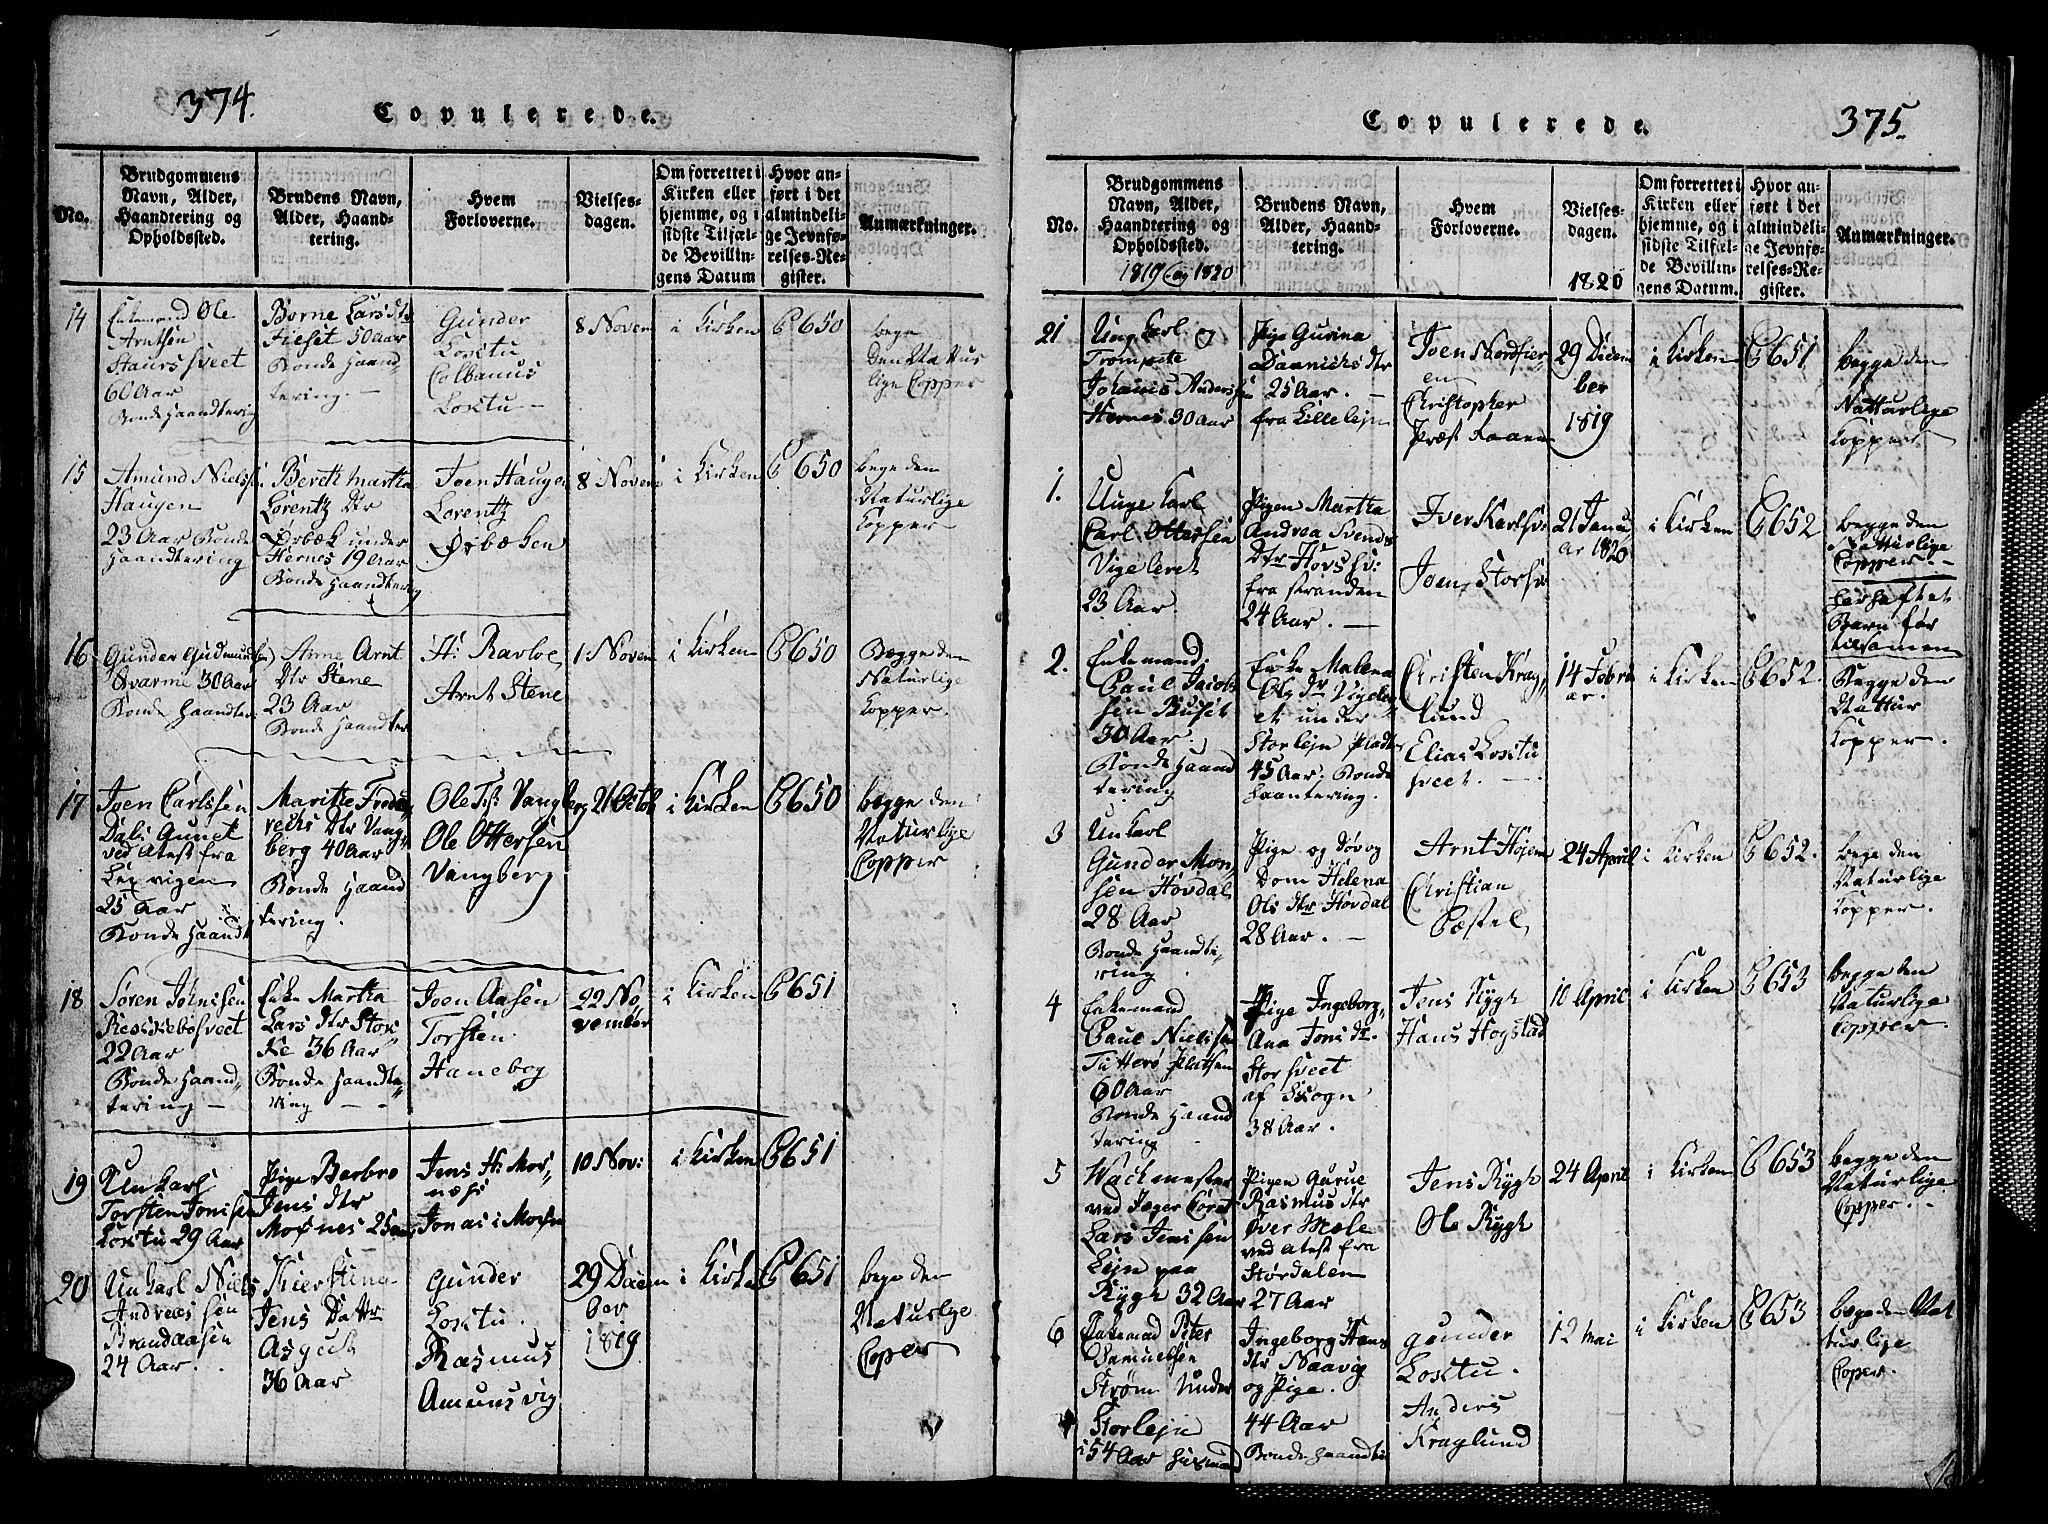 SAT, Ministerialprotokoller, klokkerbøker og fødselsregistre - Nord-Trøndelag, 713/L0124: Klokkerbok nr. 713C01, 1817-1827, s. 374-375